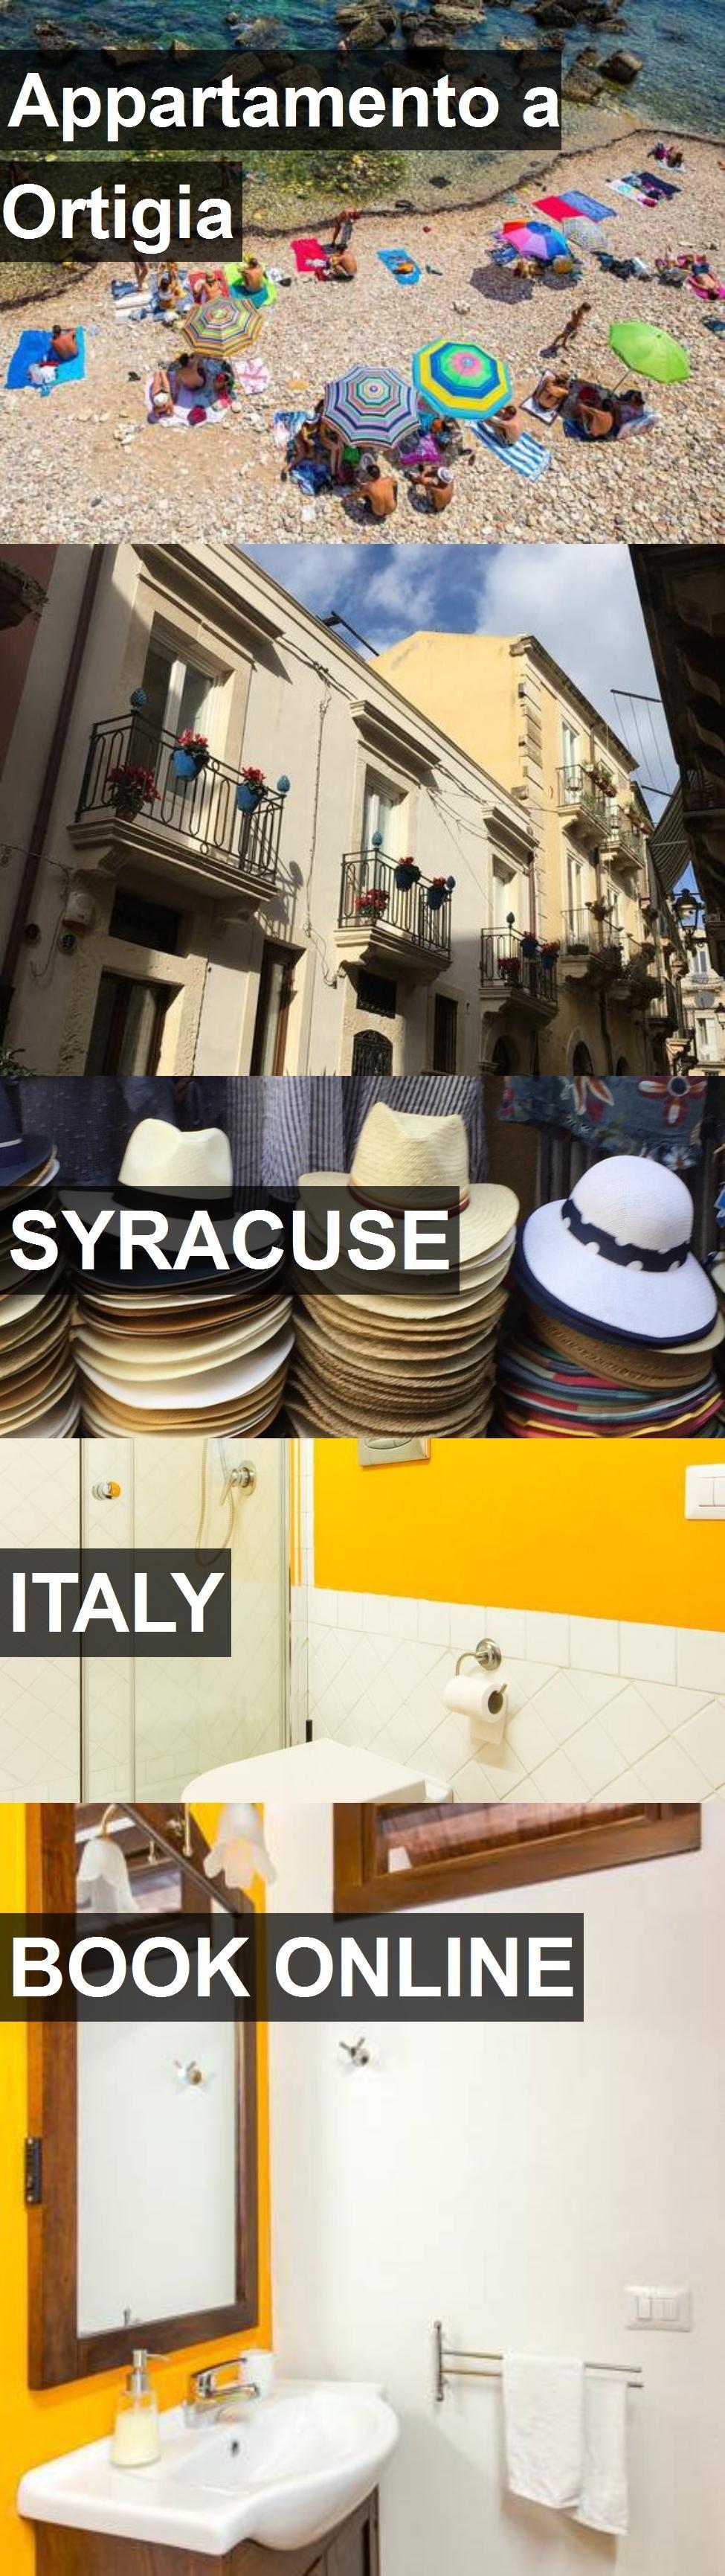 Hotel Appartamento a Ortigia in Syracuse, Italy. For more